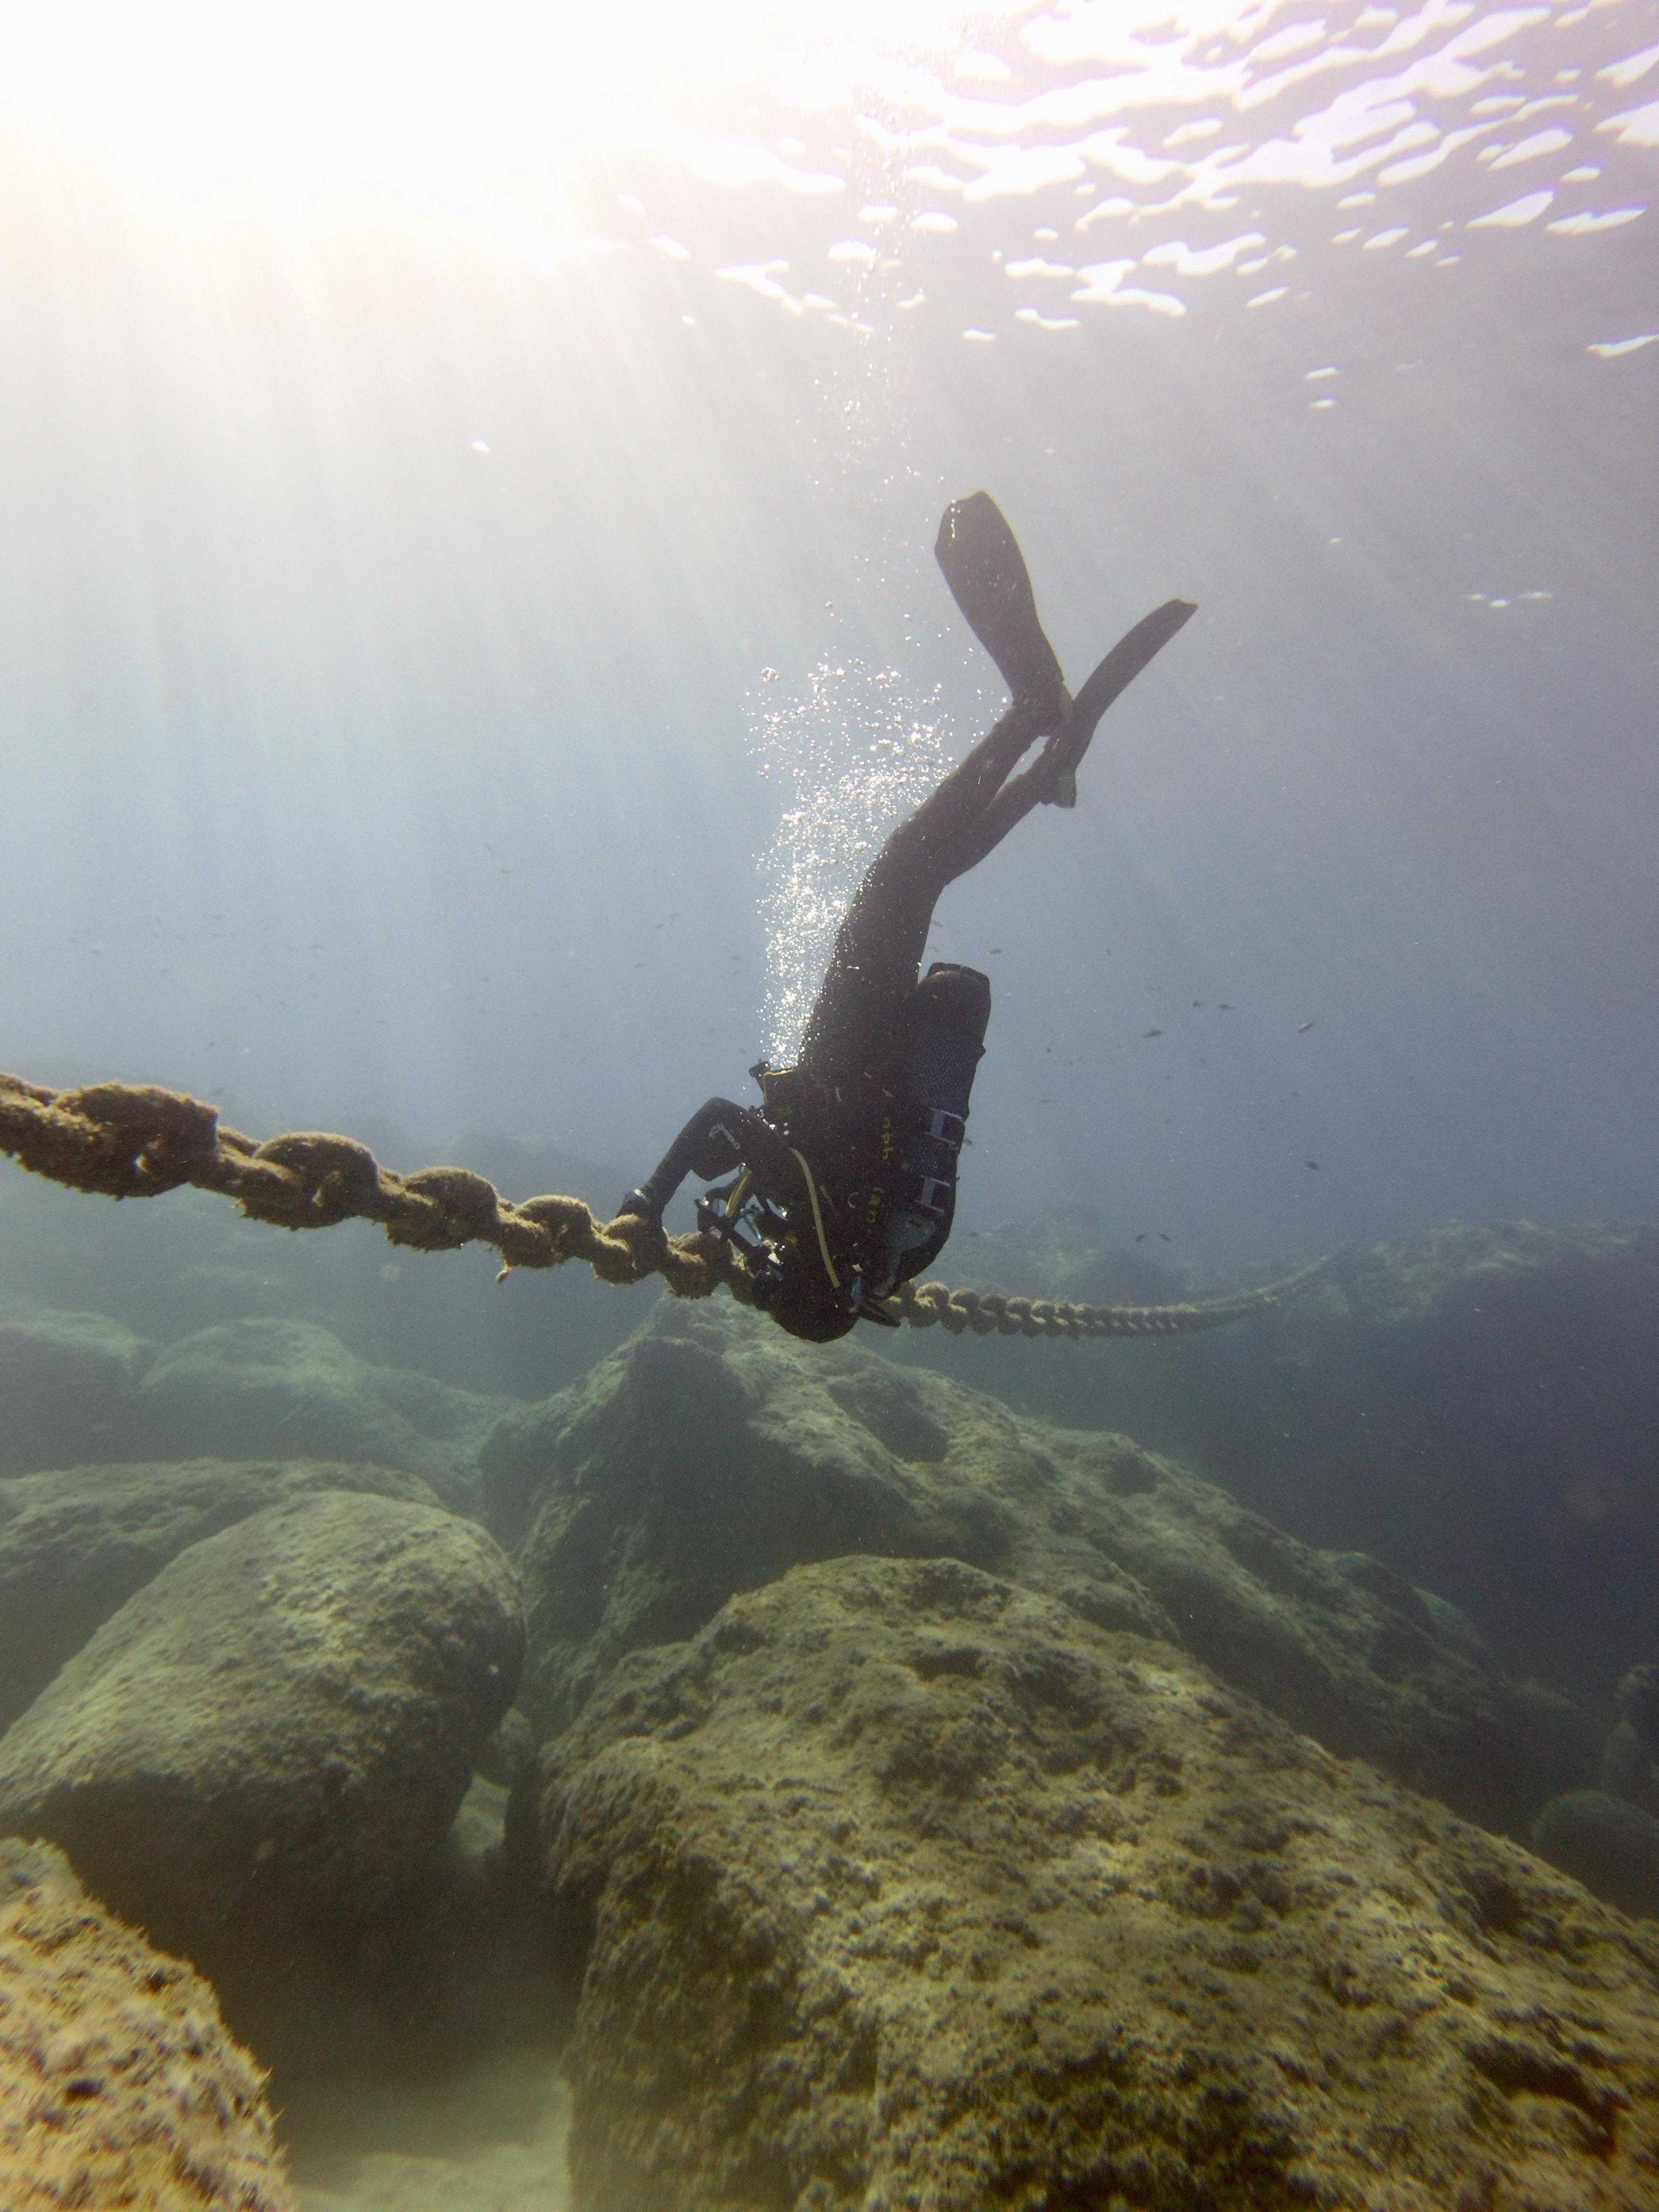 Scuba Diving Adventures in Cyprus - Kalliopi Dive College